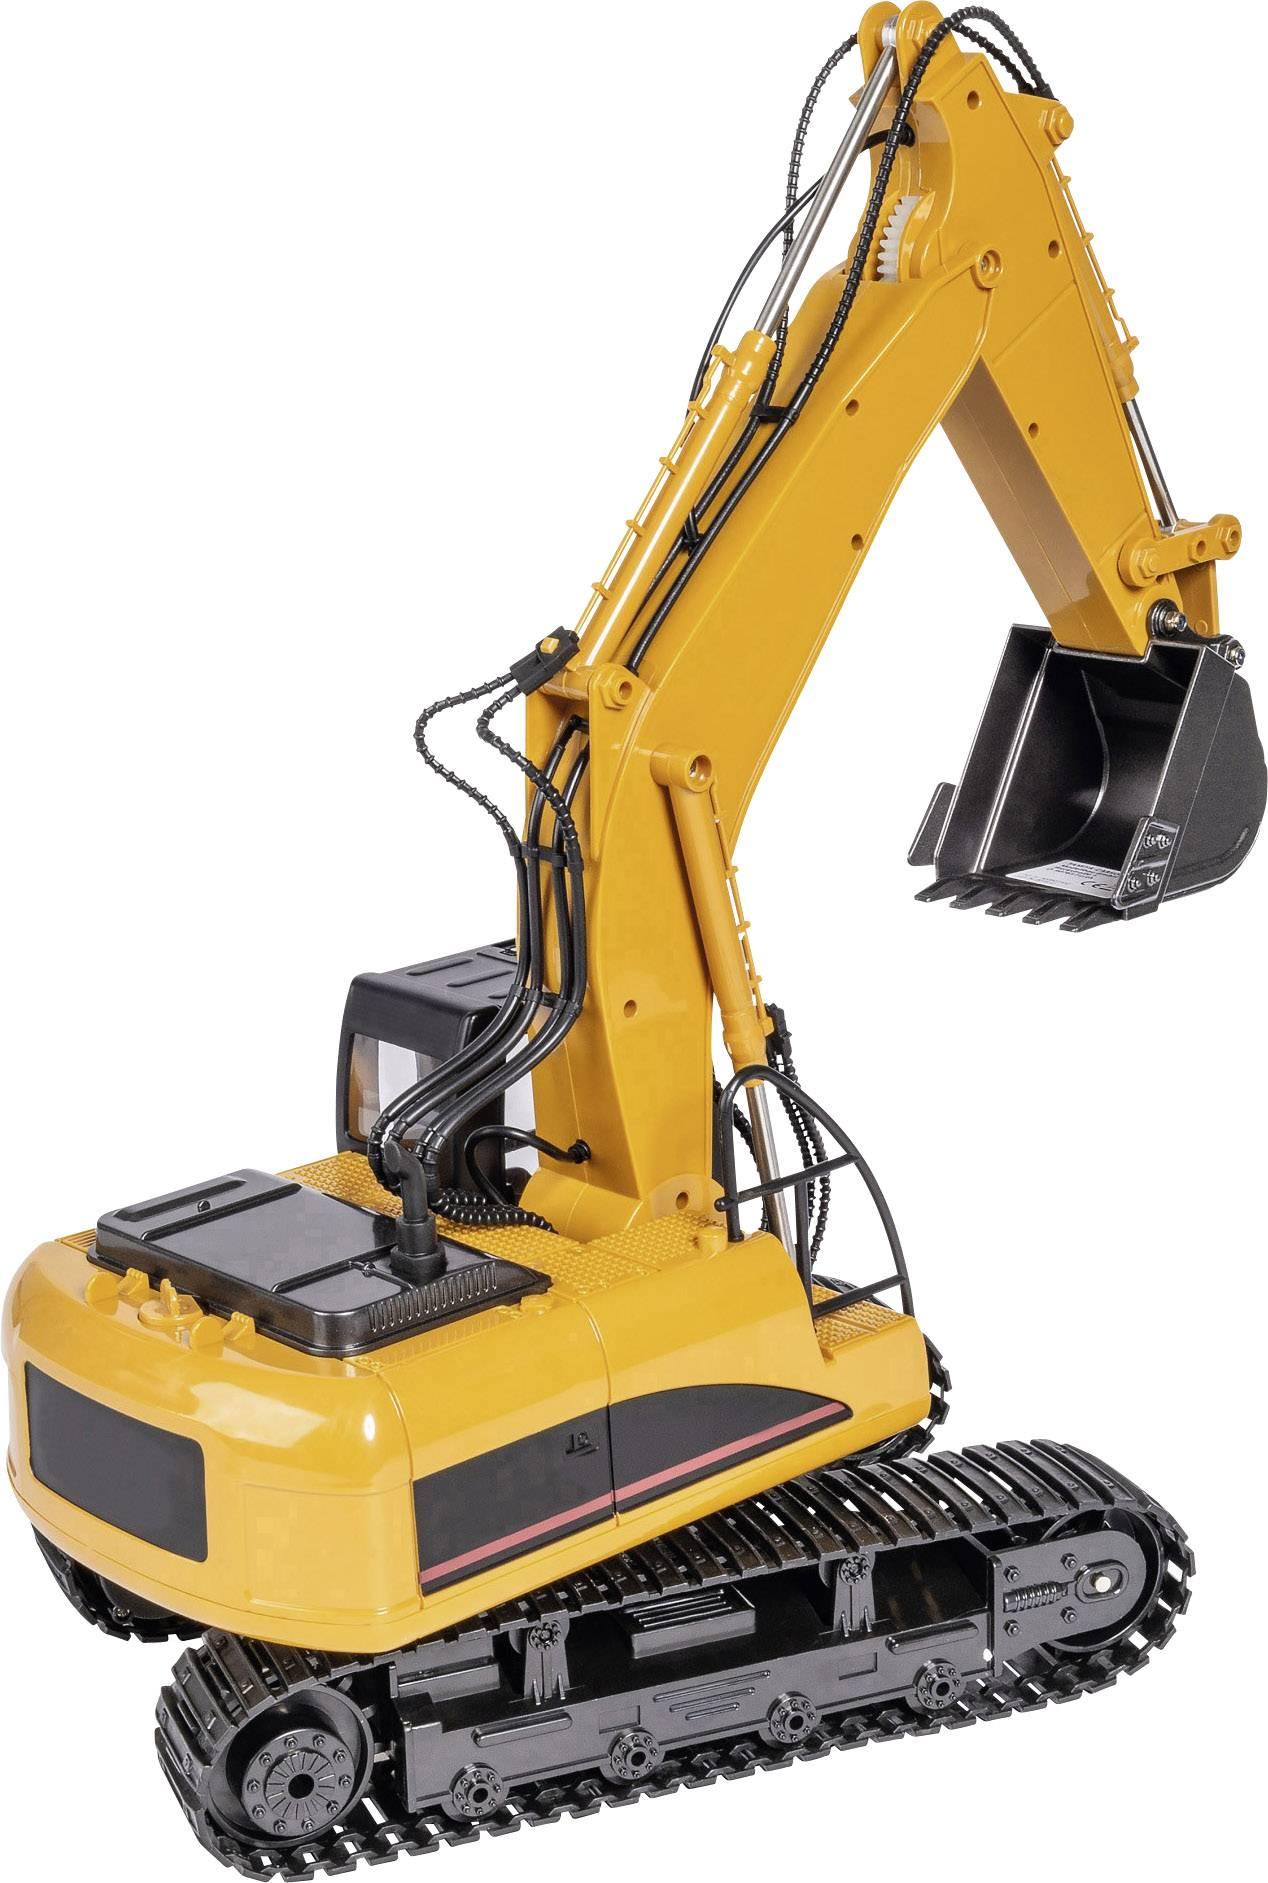 Carson Modellsport  1:16 rc funkcijski model građevinsko vozilo